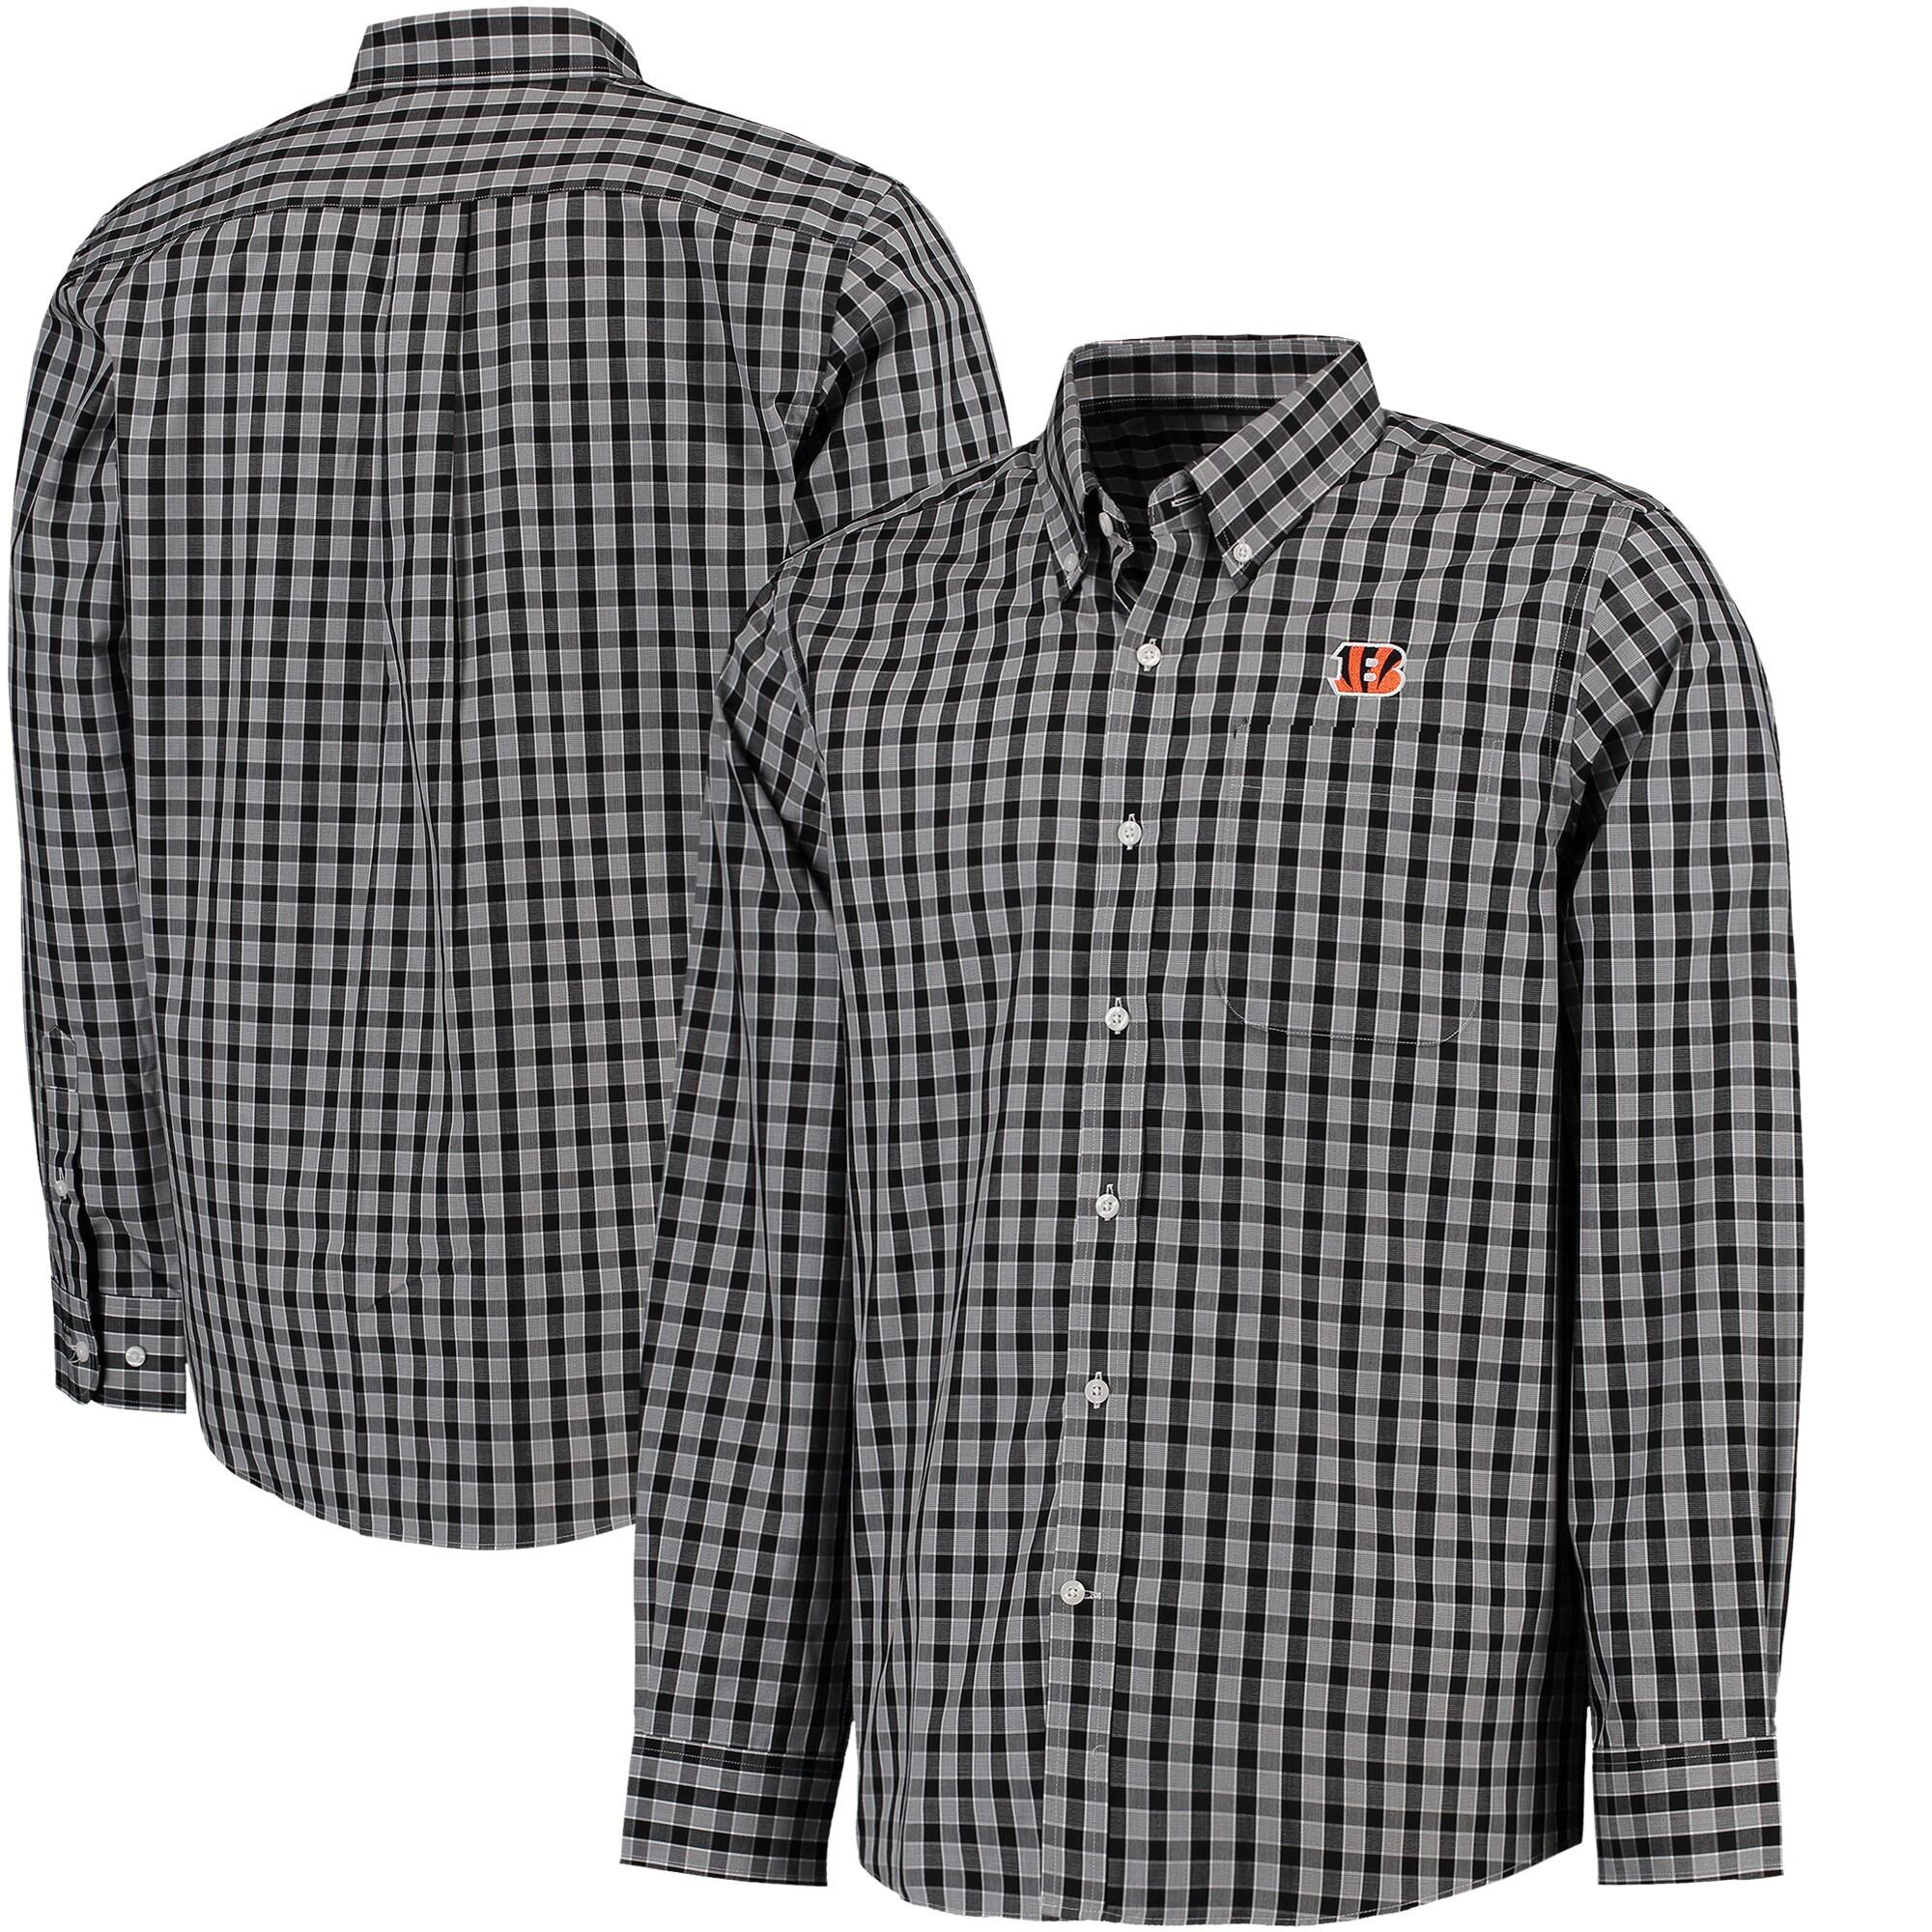 Cincinnati Bengals Cutter & Buck Discovery Park Plaid Long Sleeve Woven Shirt - Black